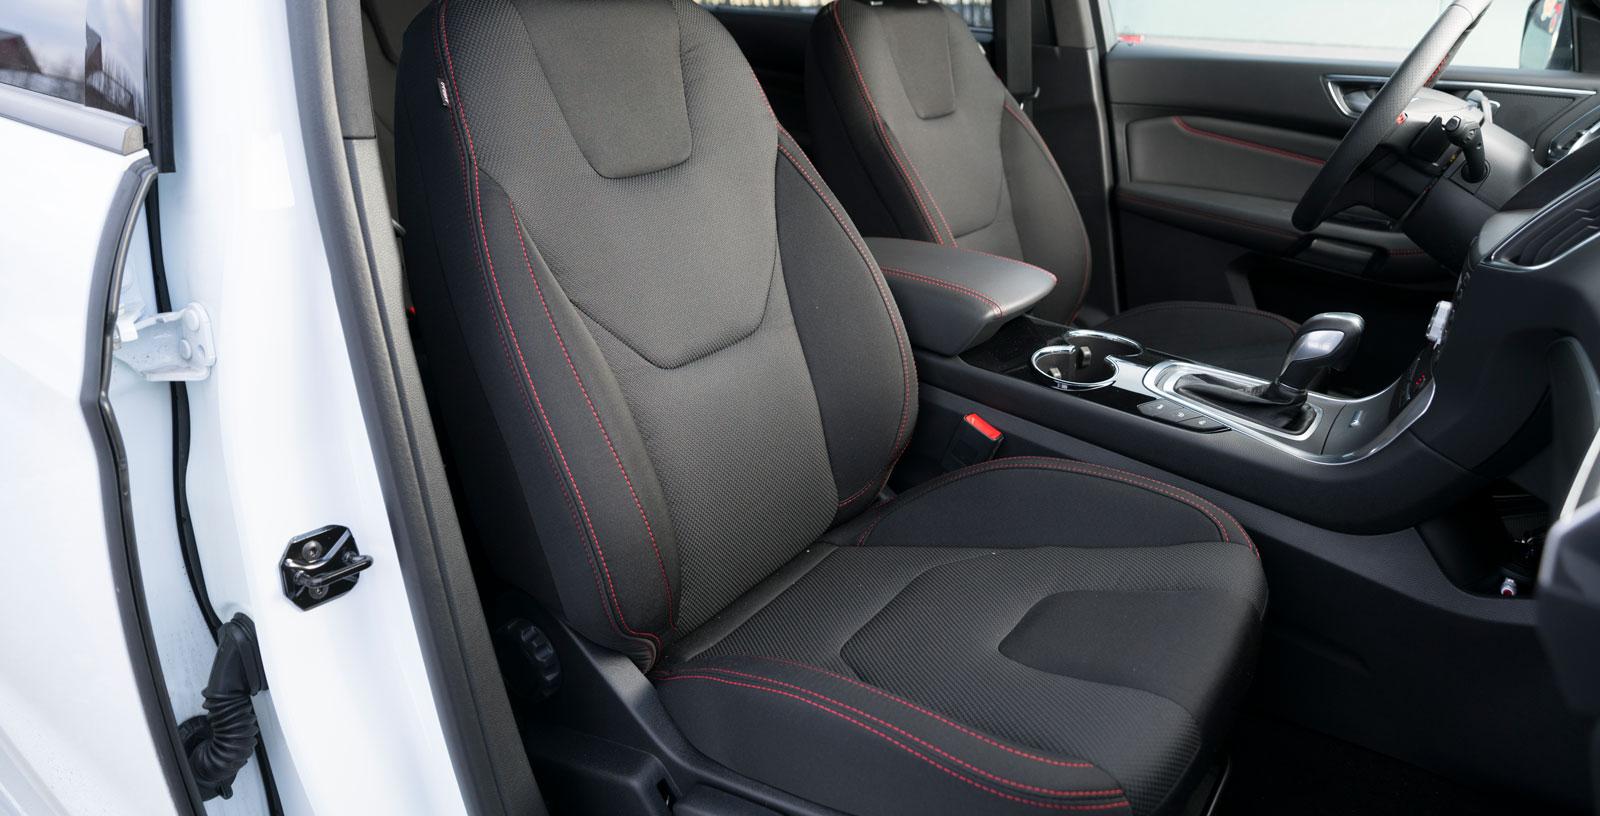 Även med avstängd adaptiv farthållare används radartekniken för att visa avståndet till bilen framför. Ett bra sätt att hålla på tresekundersregeln.